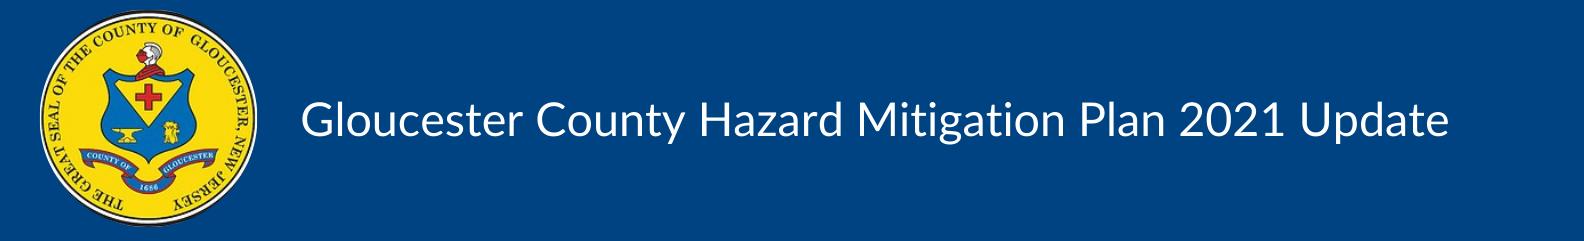 Gloucester County Hazard Mitigation Plan Update